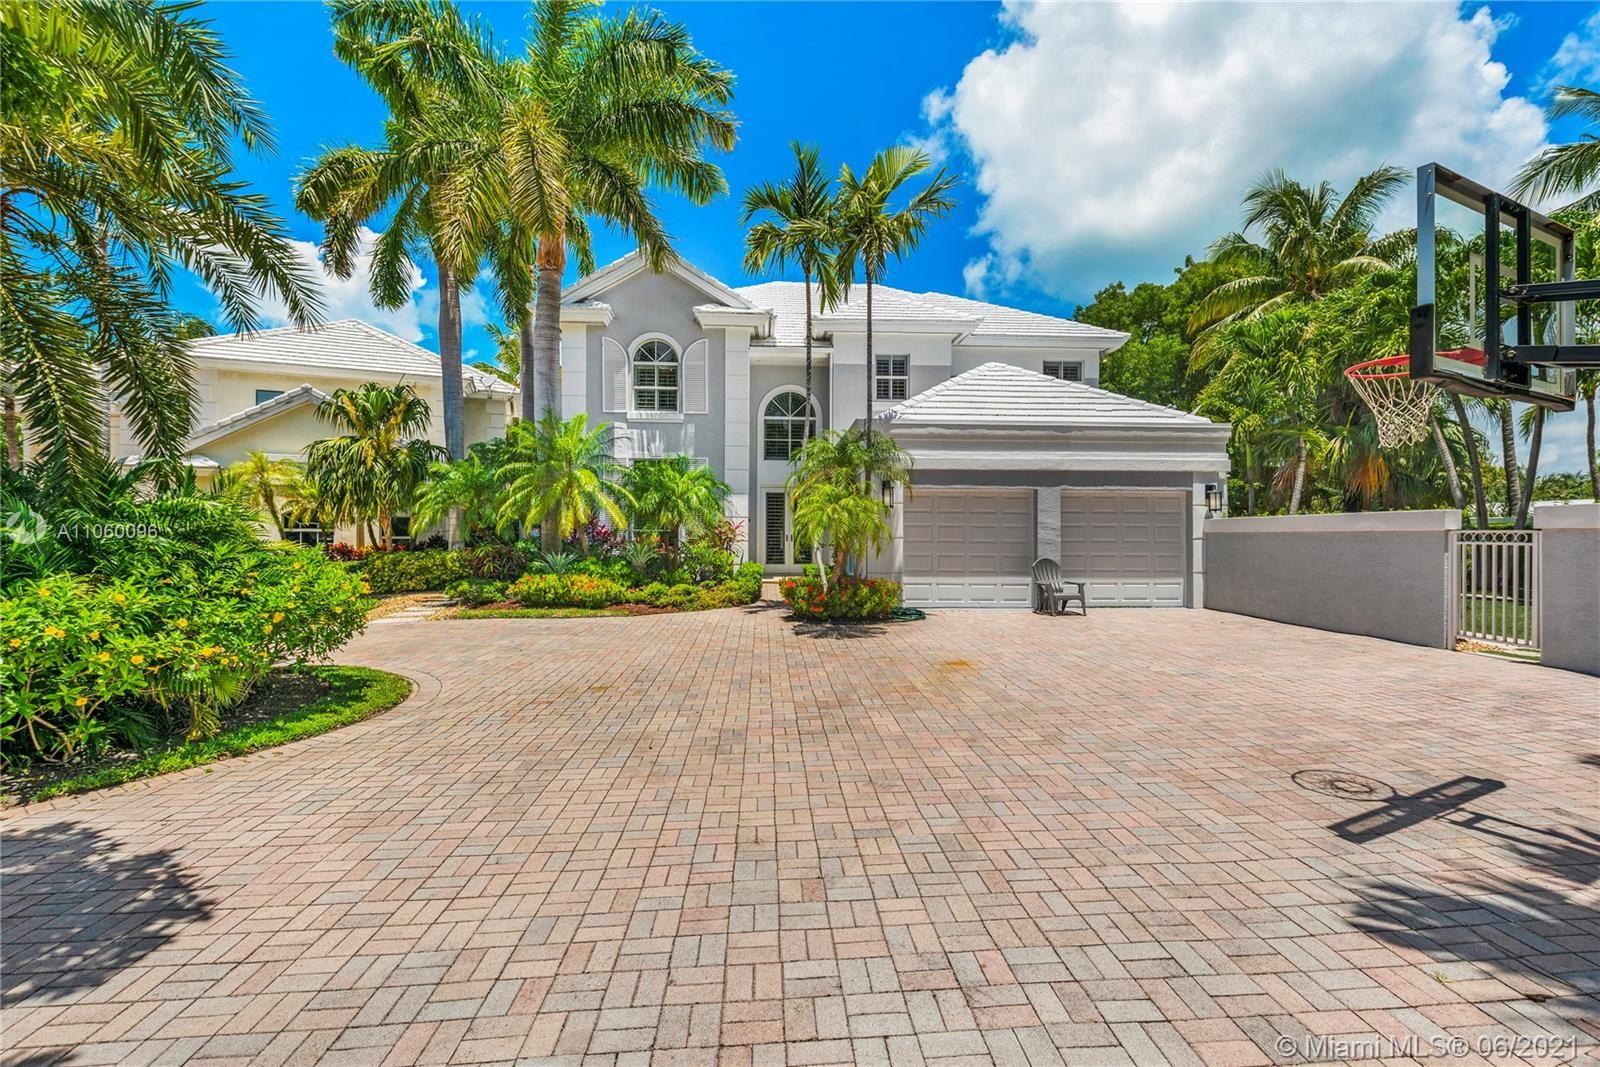 15 Grand Bay Estates Circle, Key Biscayne, FL 33149 - #: A11060096